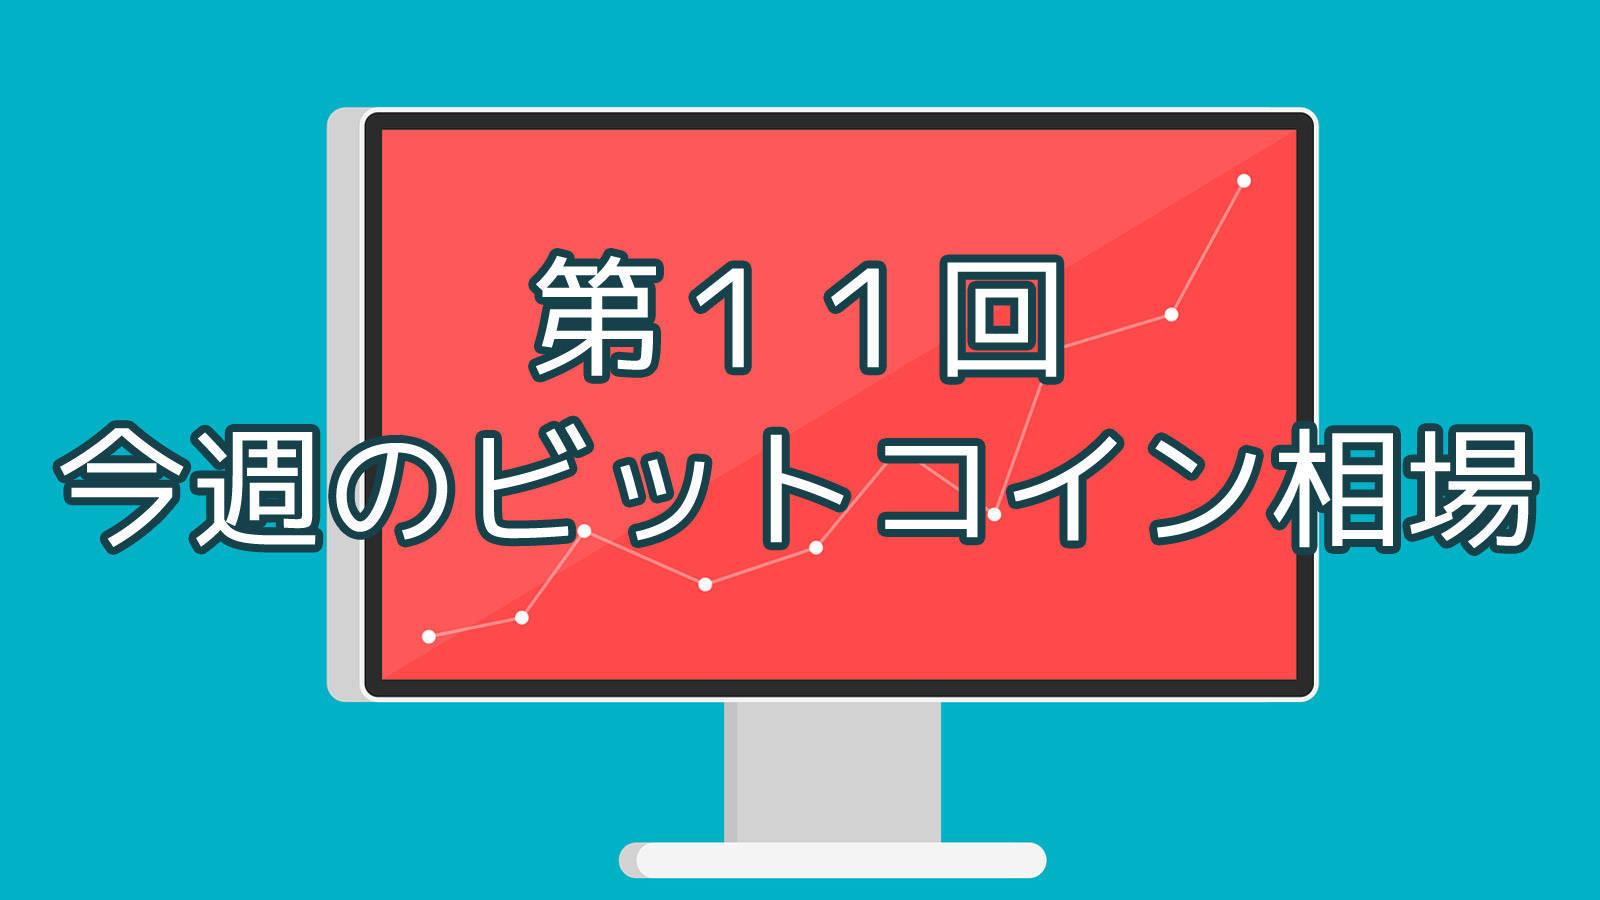 【第11回】今週のビットコイン相場 (4/30〜5/6)